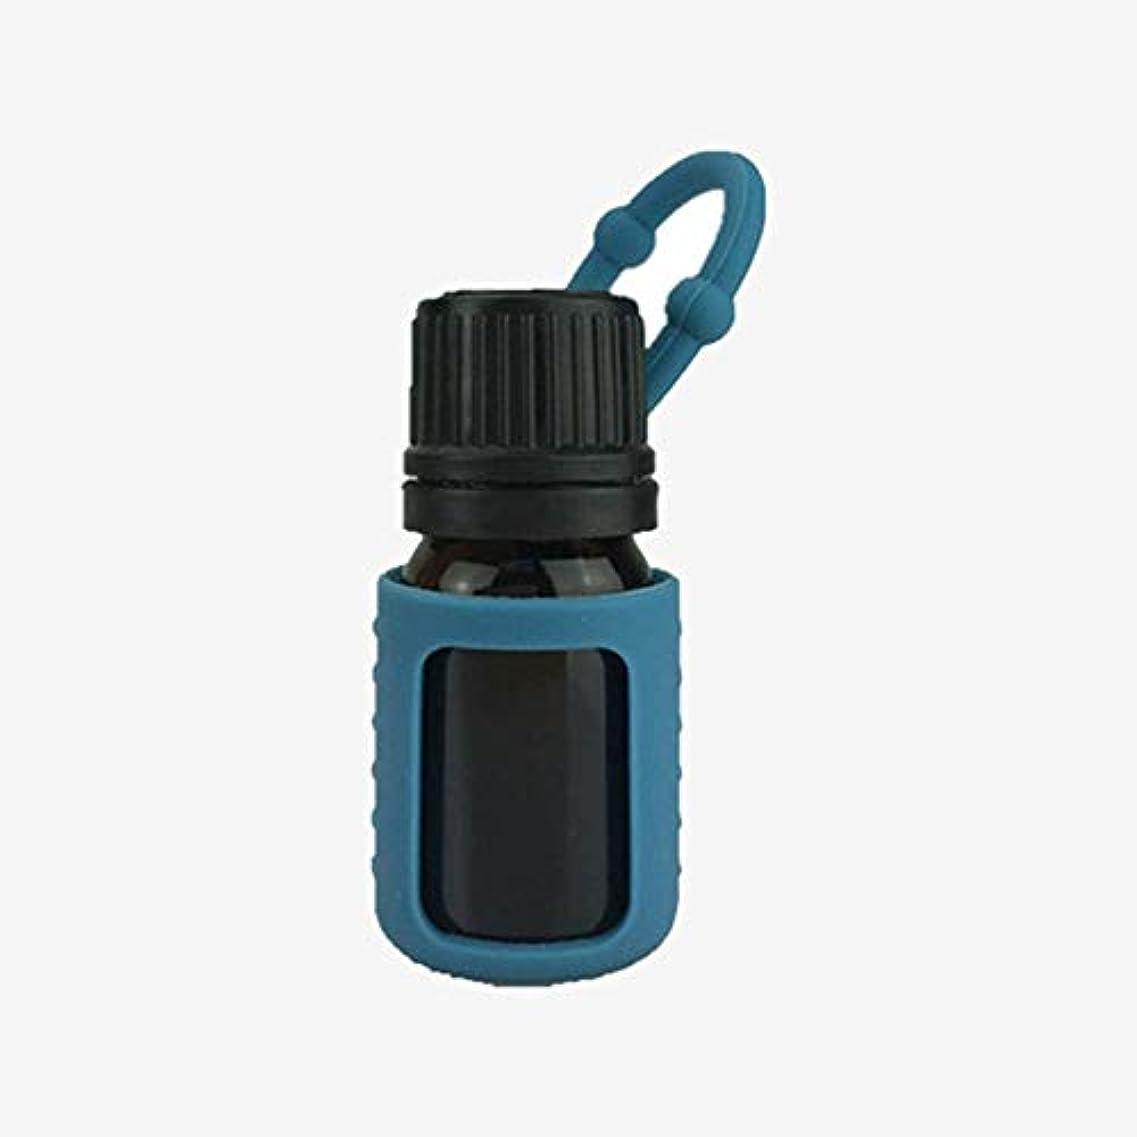 分配します買ういくつかのシリコンスリーブ5/10 / 15mlエッセンシャルオイルボトルプロテクターシリコン保護ケースカバーランダムカラー